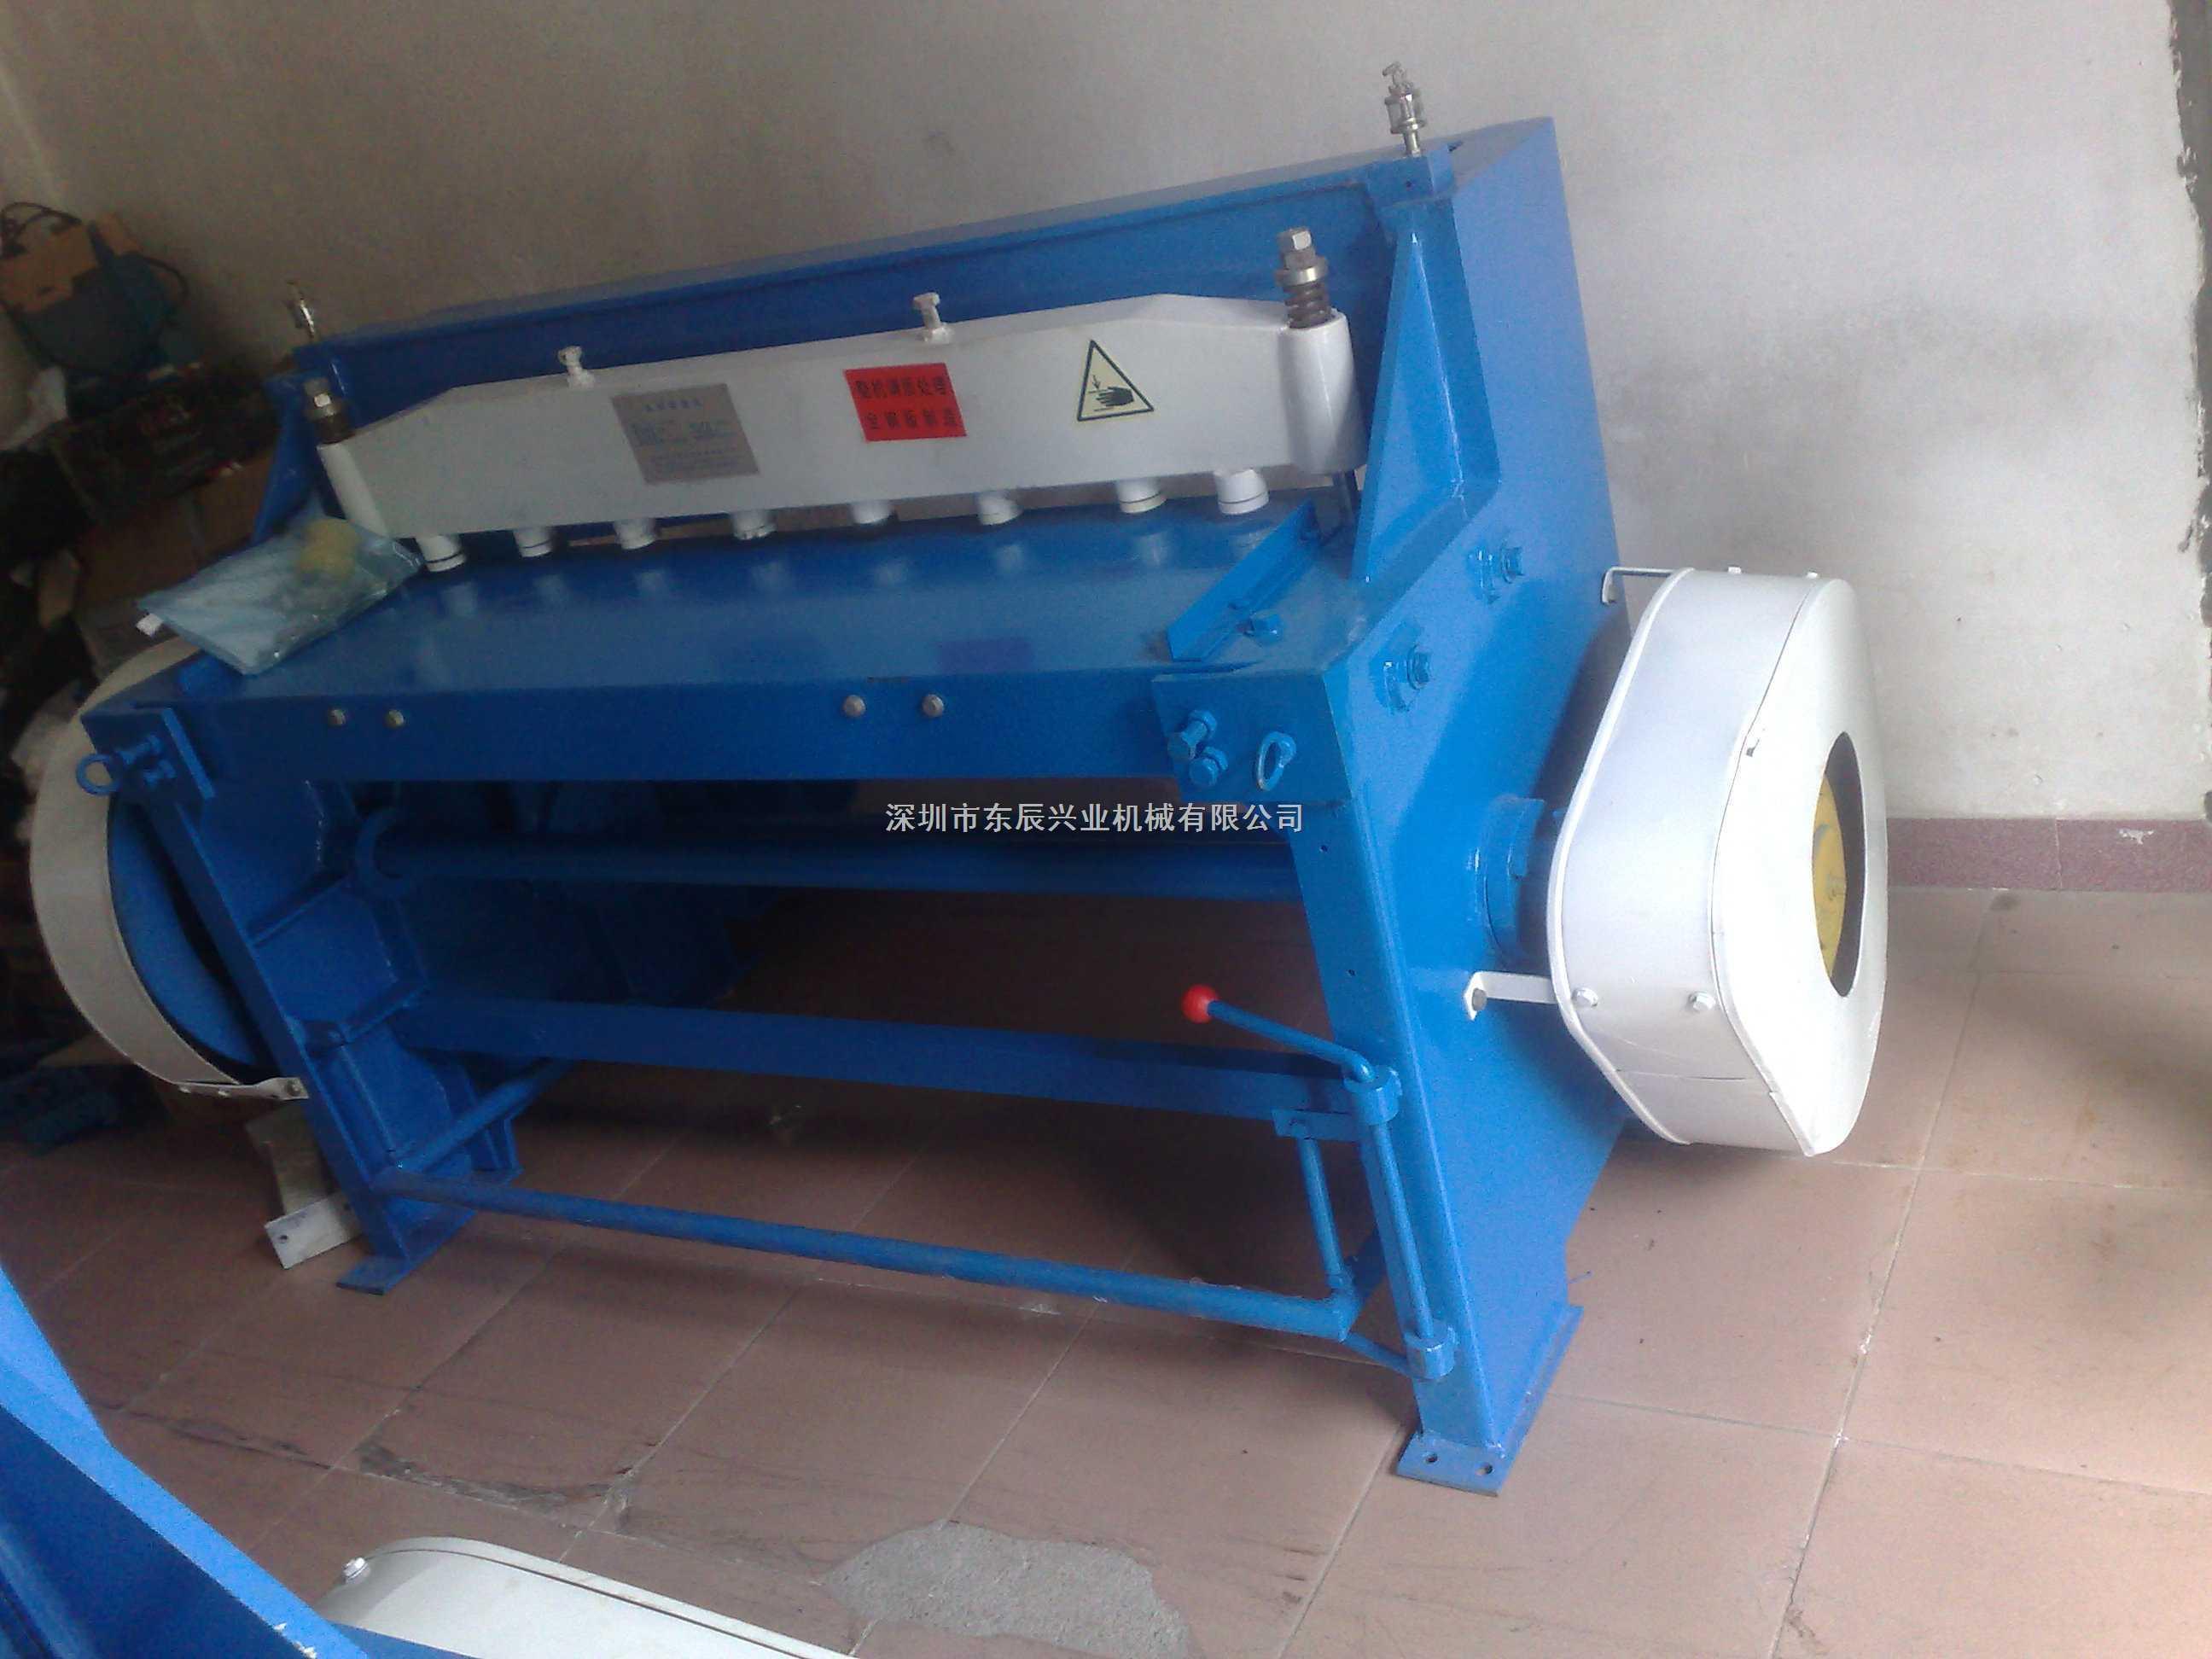 q11-3x1300全钢结构电动剪板机